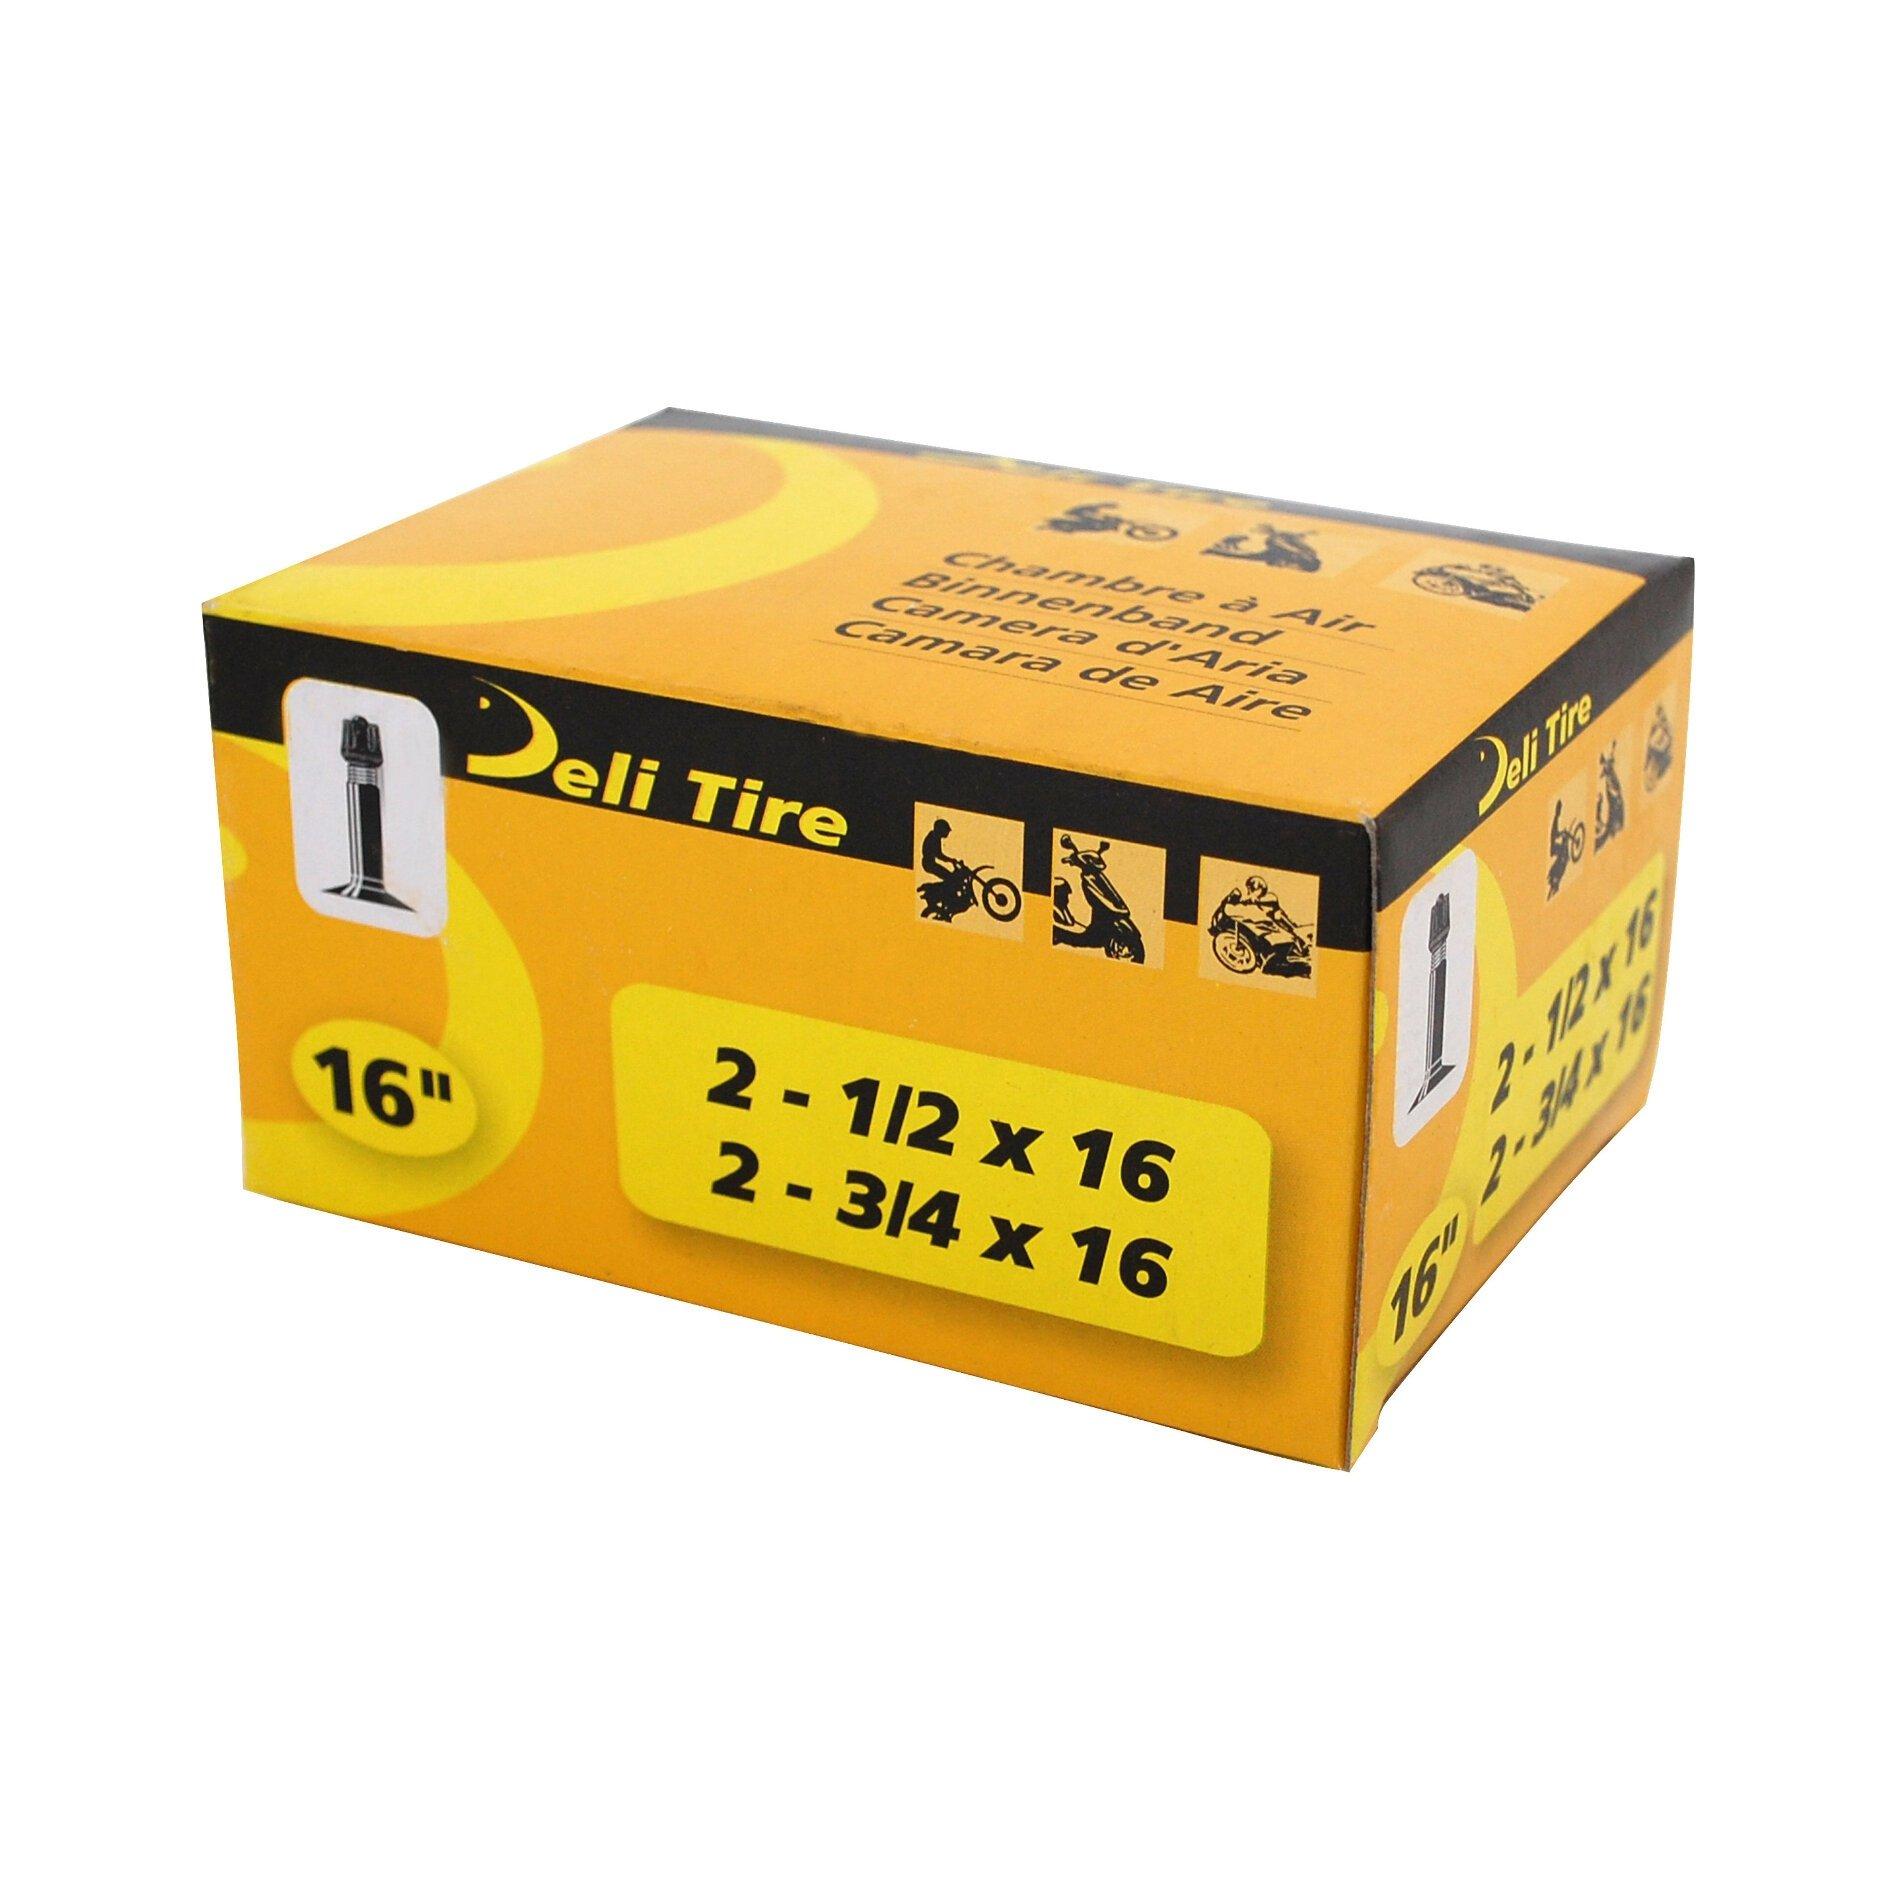 Chambre à Air 16 2 3/4x16 Vs Deli valve Droite